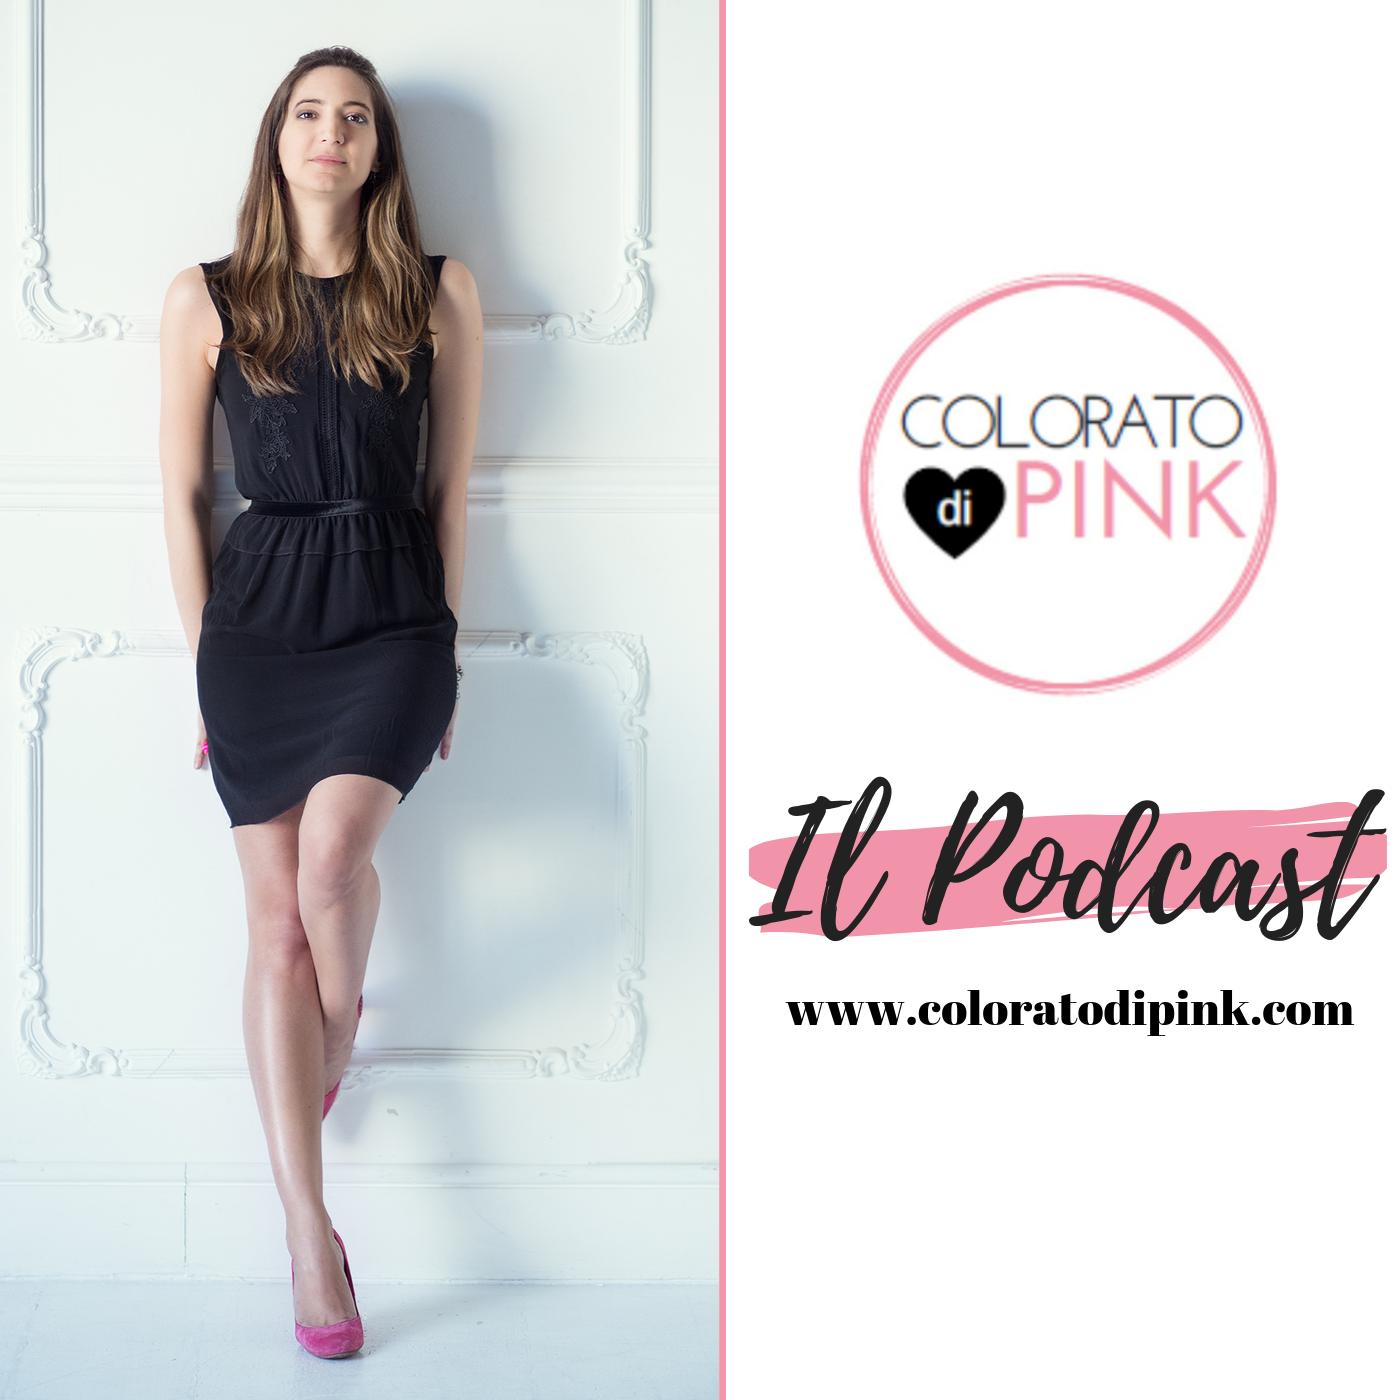 Il Podcast di Colorato di Pink – come è nato e come ascoltarlo